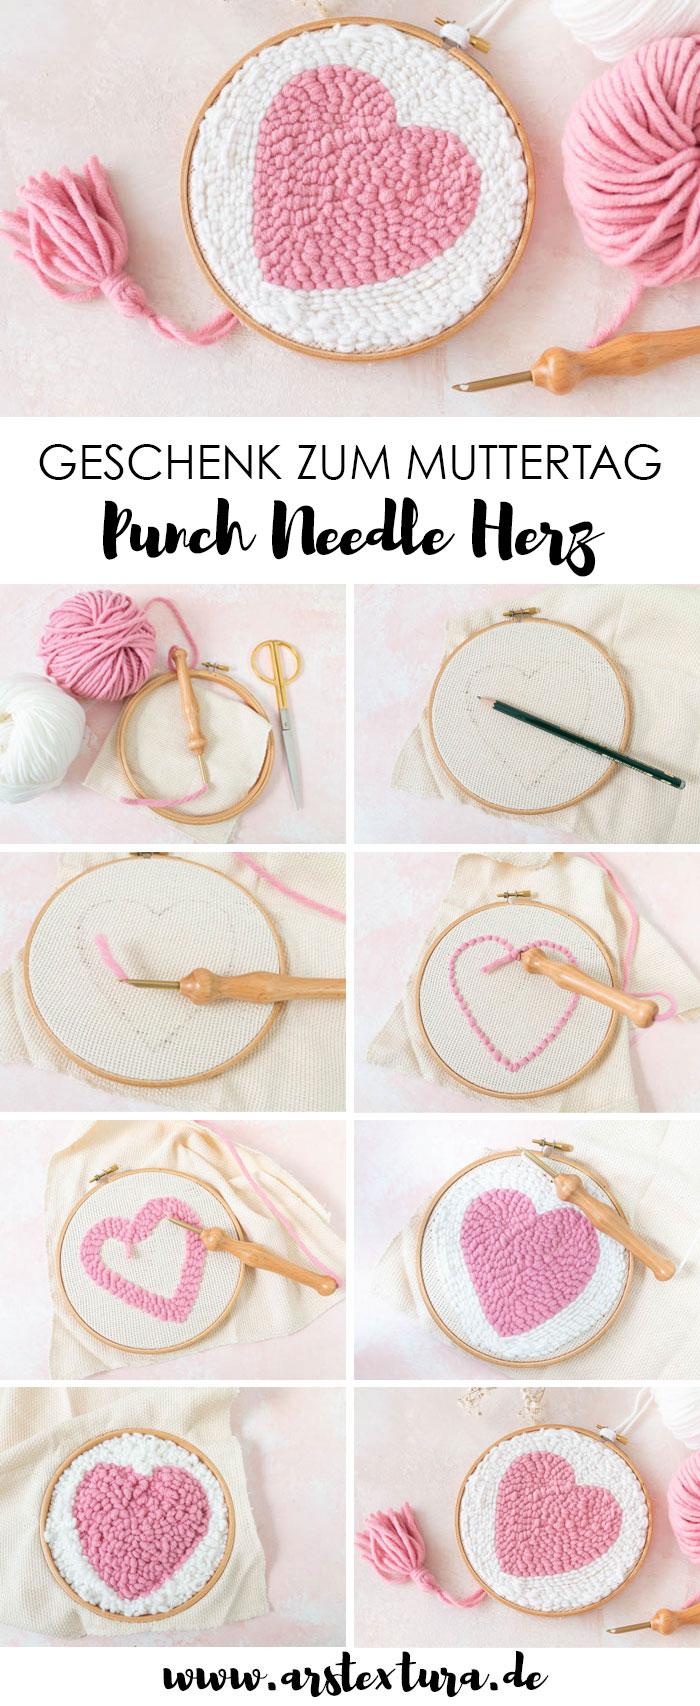 Herz mit der Punchneedle sticken - DIY Geschenk zum Muttertag - Sticken lernen mit Stickrahmen und Punchneedle #muttertag #punchneedle